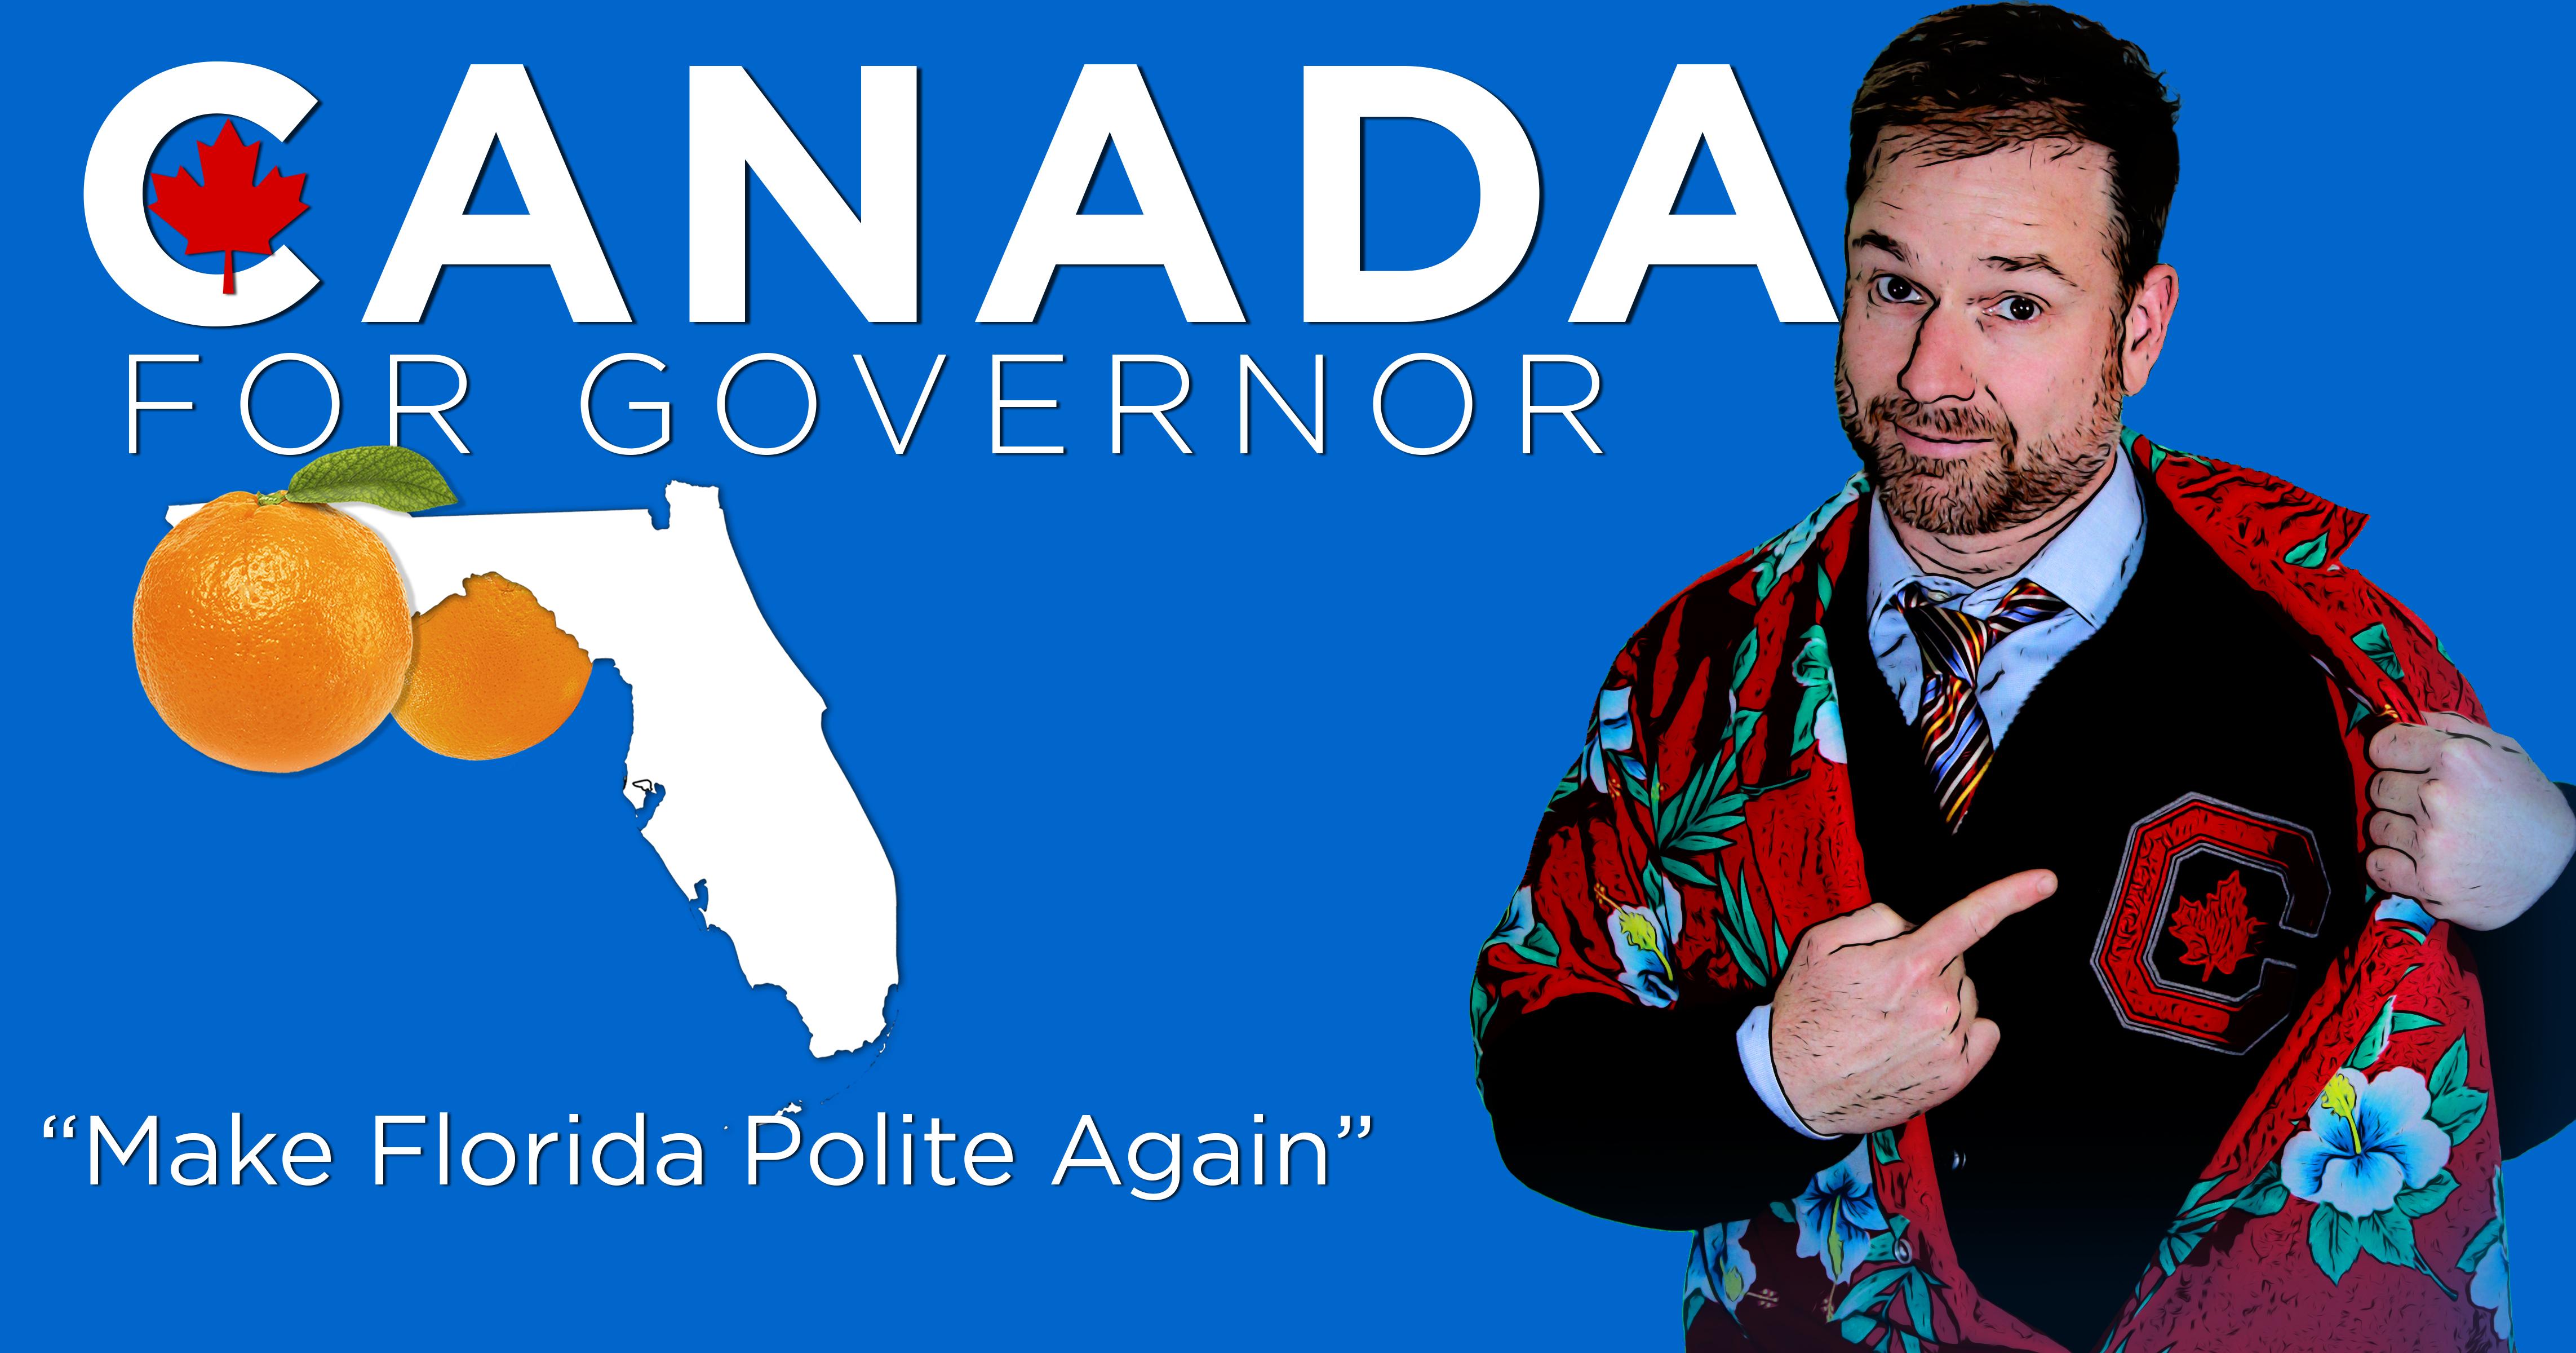 CanadaForGovernor-NOhandles